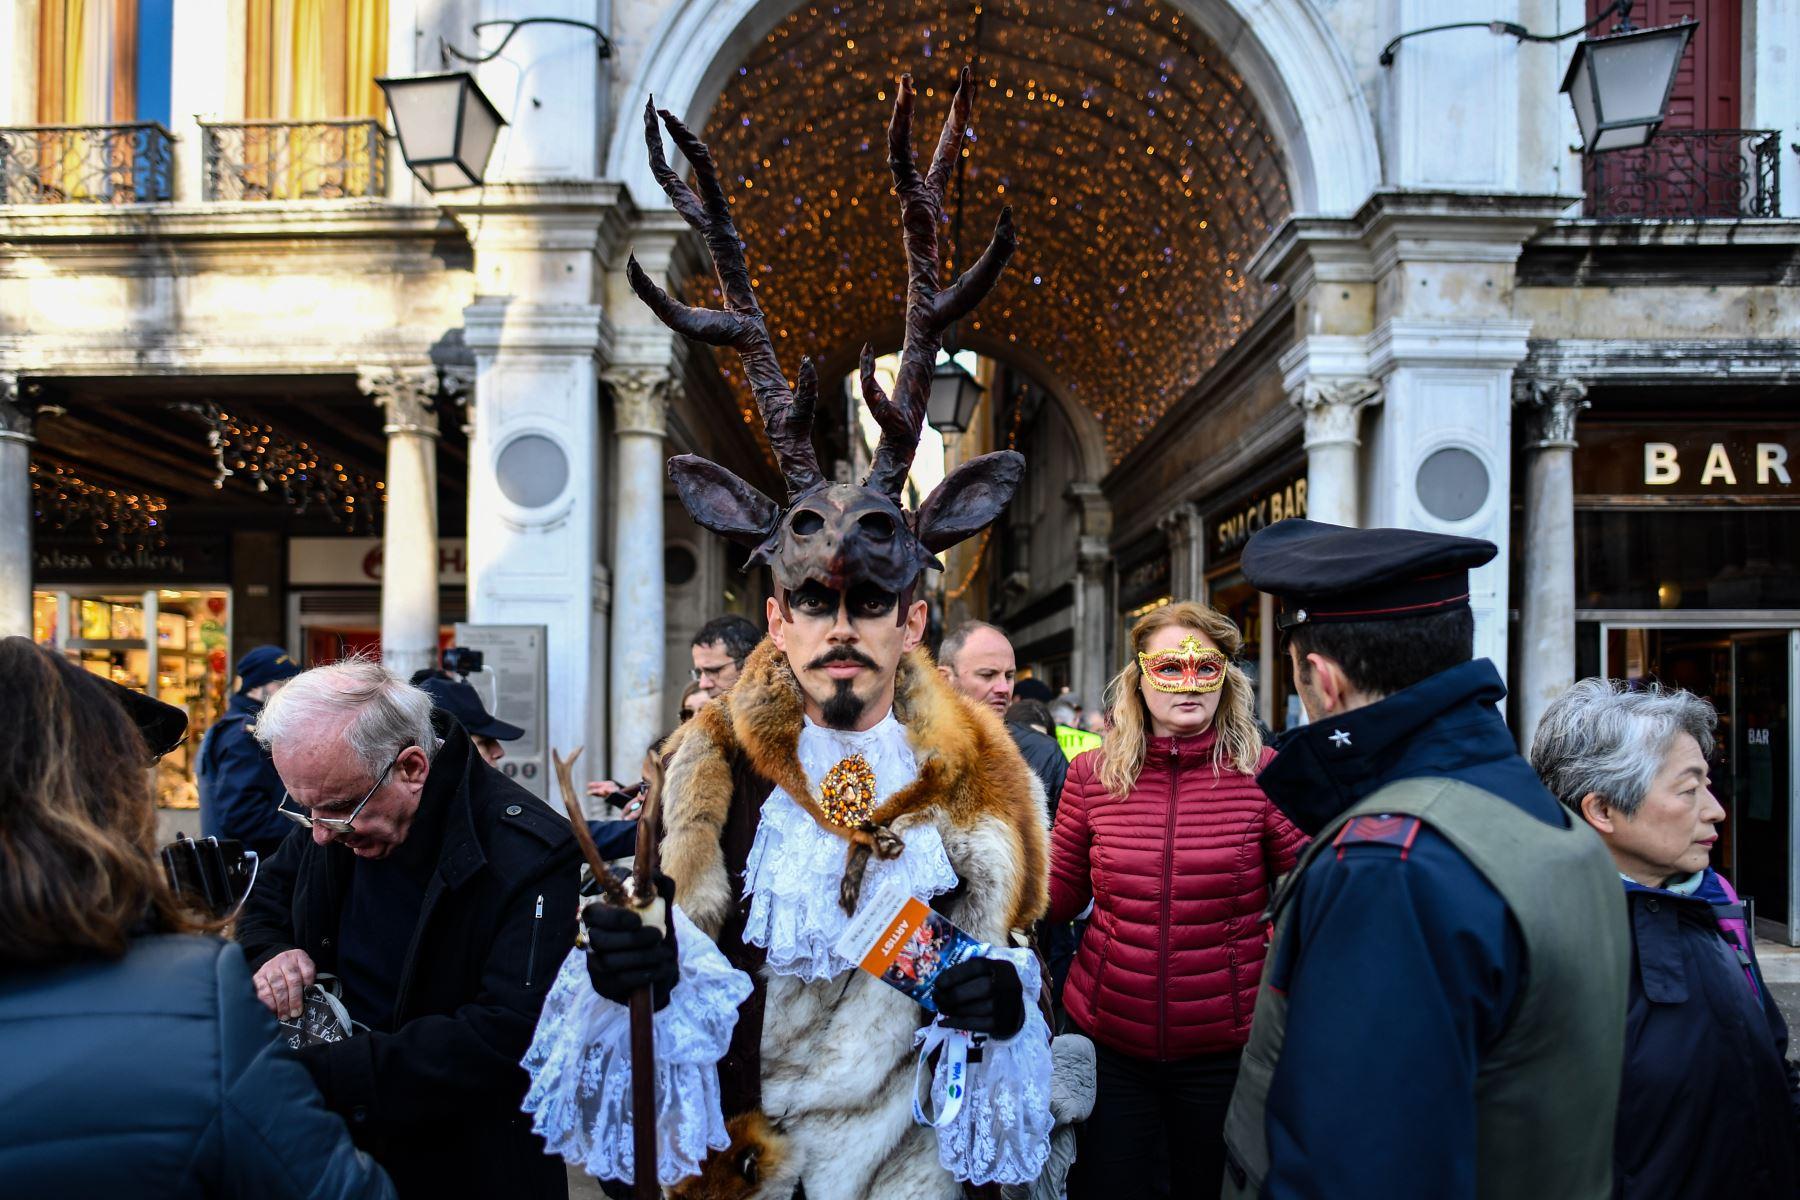 Un oficial de seguridad revisa a los participantes con máscaras y trajes de época que acceden a la Plaza de San Marcos durante el Carnaval de Venecia. Foto: AFP